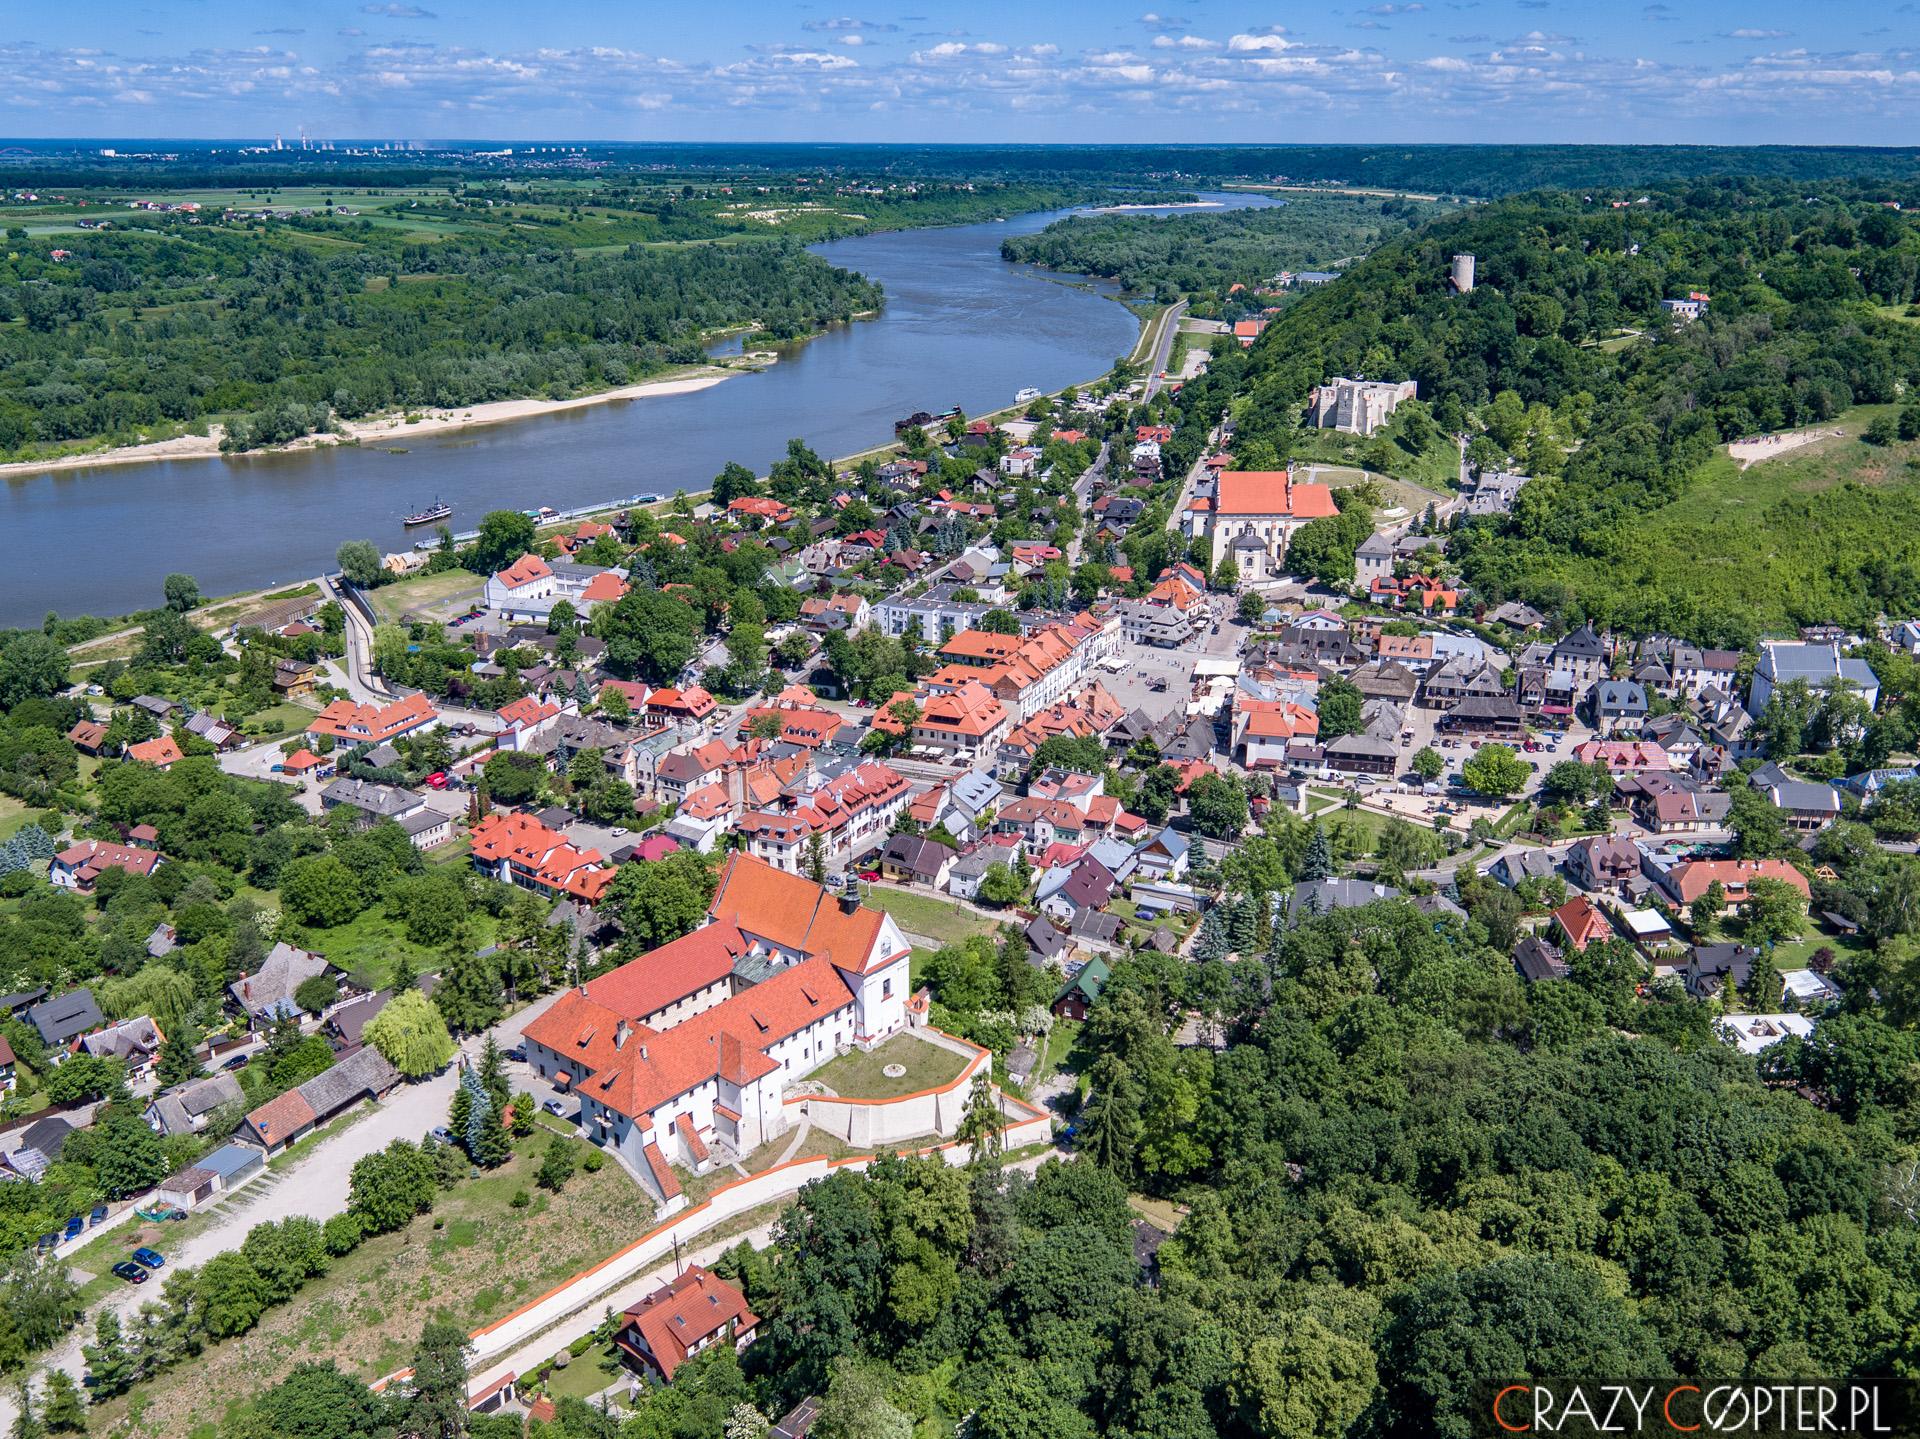 Zdjęcia z drona: Kazimierz Dolny nad Wisłą.